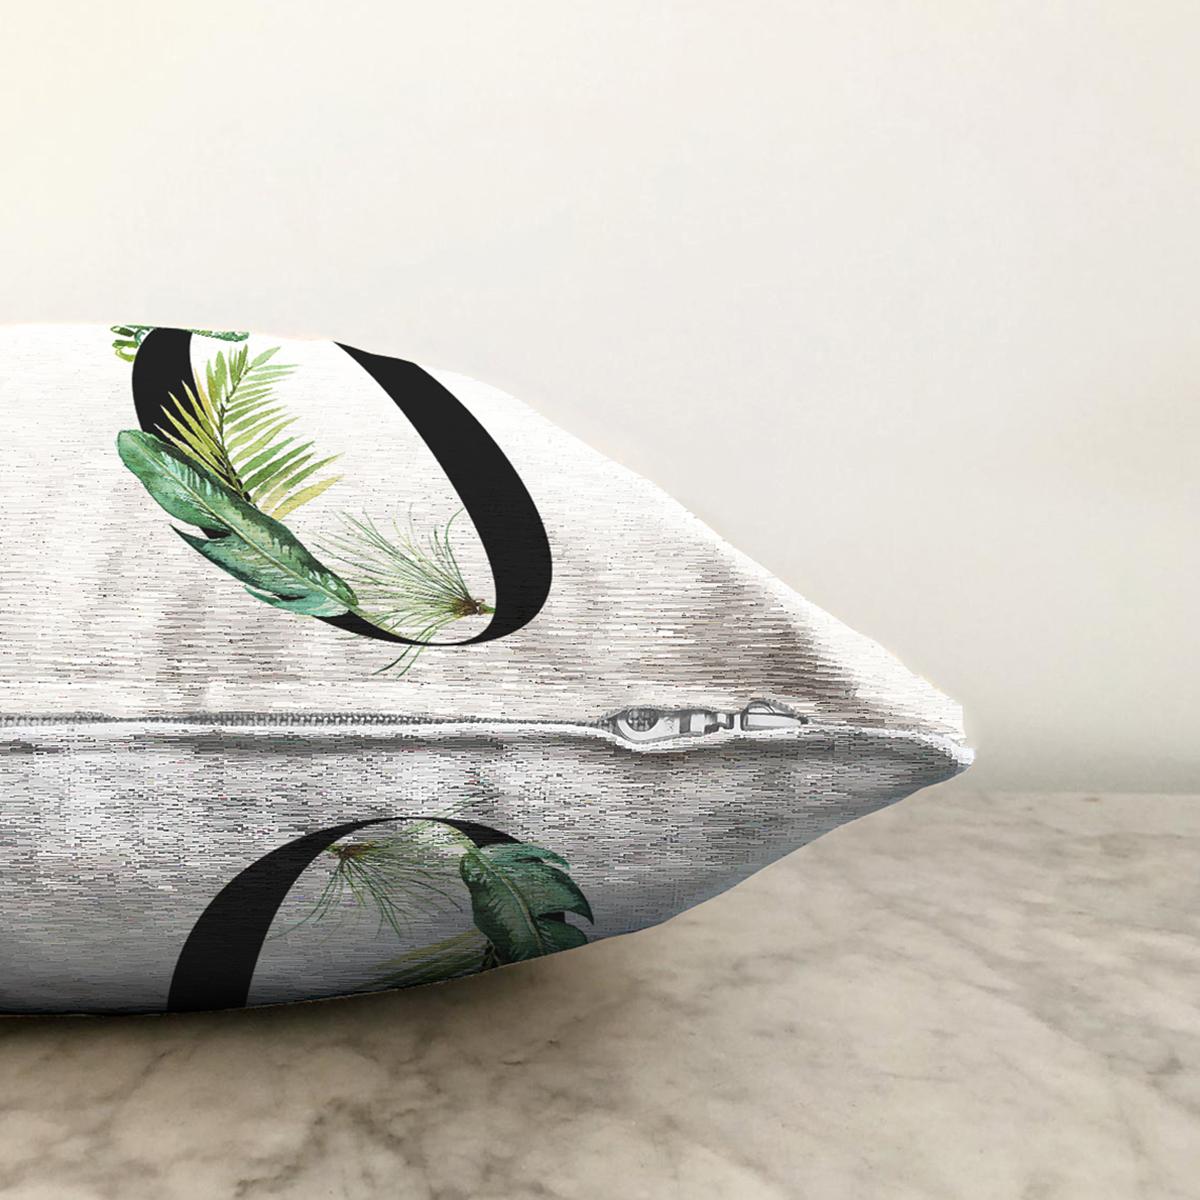 Beyaz Zemin Yaprak Motifli Siyah 0 Rakamı Özel Tasarım Dijital Baskılı Şönil Yastık Kırlent Kılıfı Realhomes